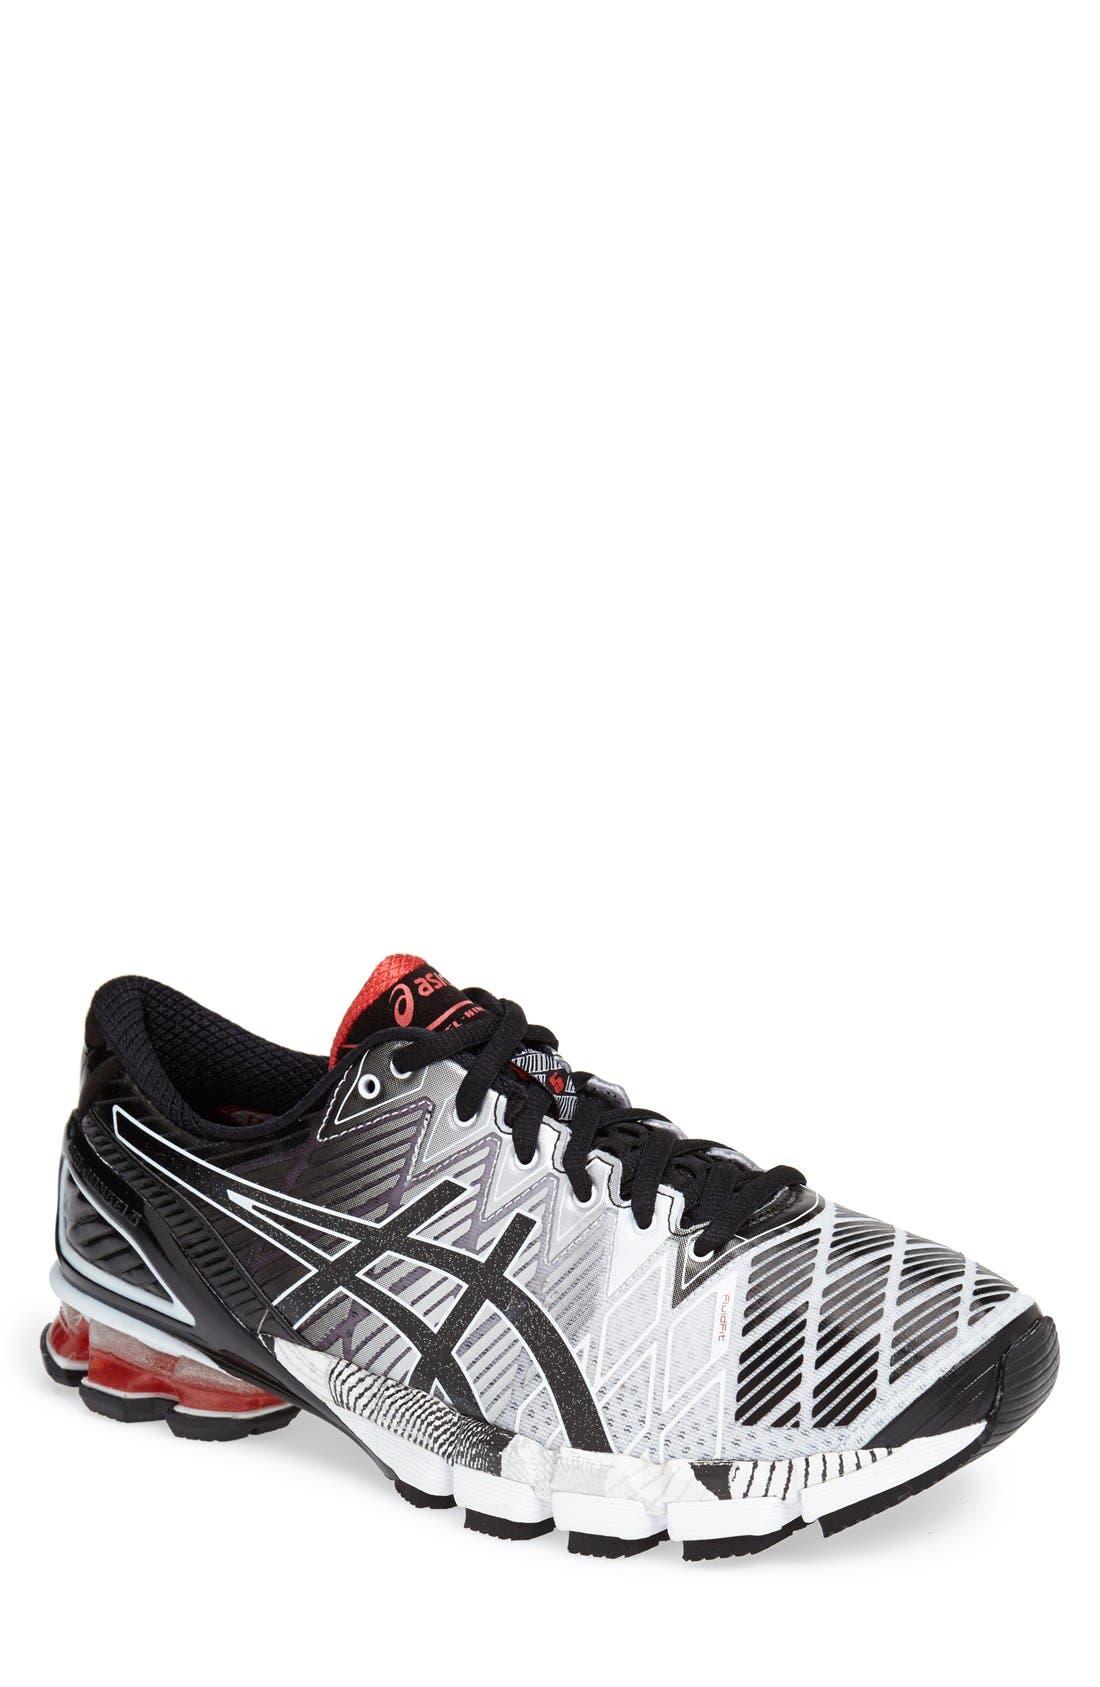 Main Image - ASICS® 'GEL-Kinsei 5' Running Shoe (Men)